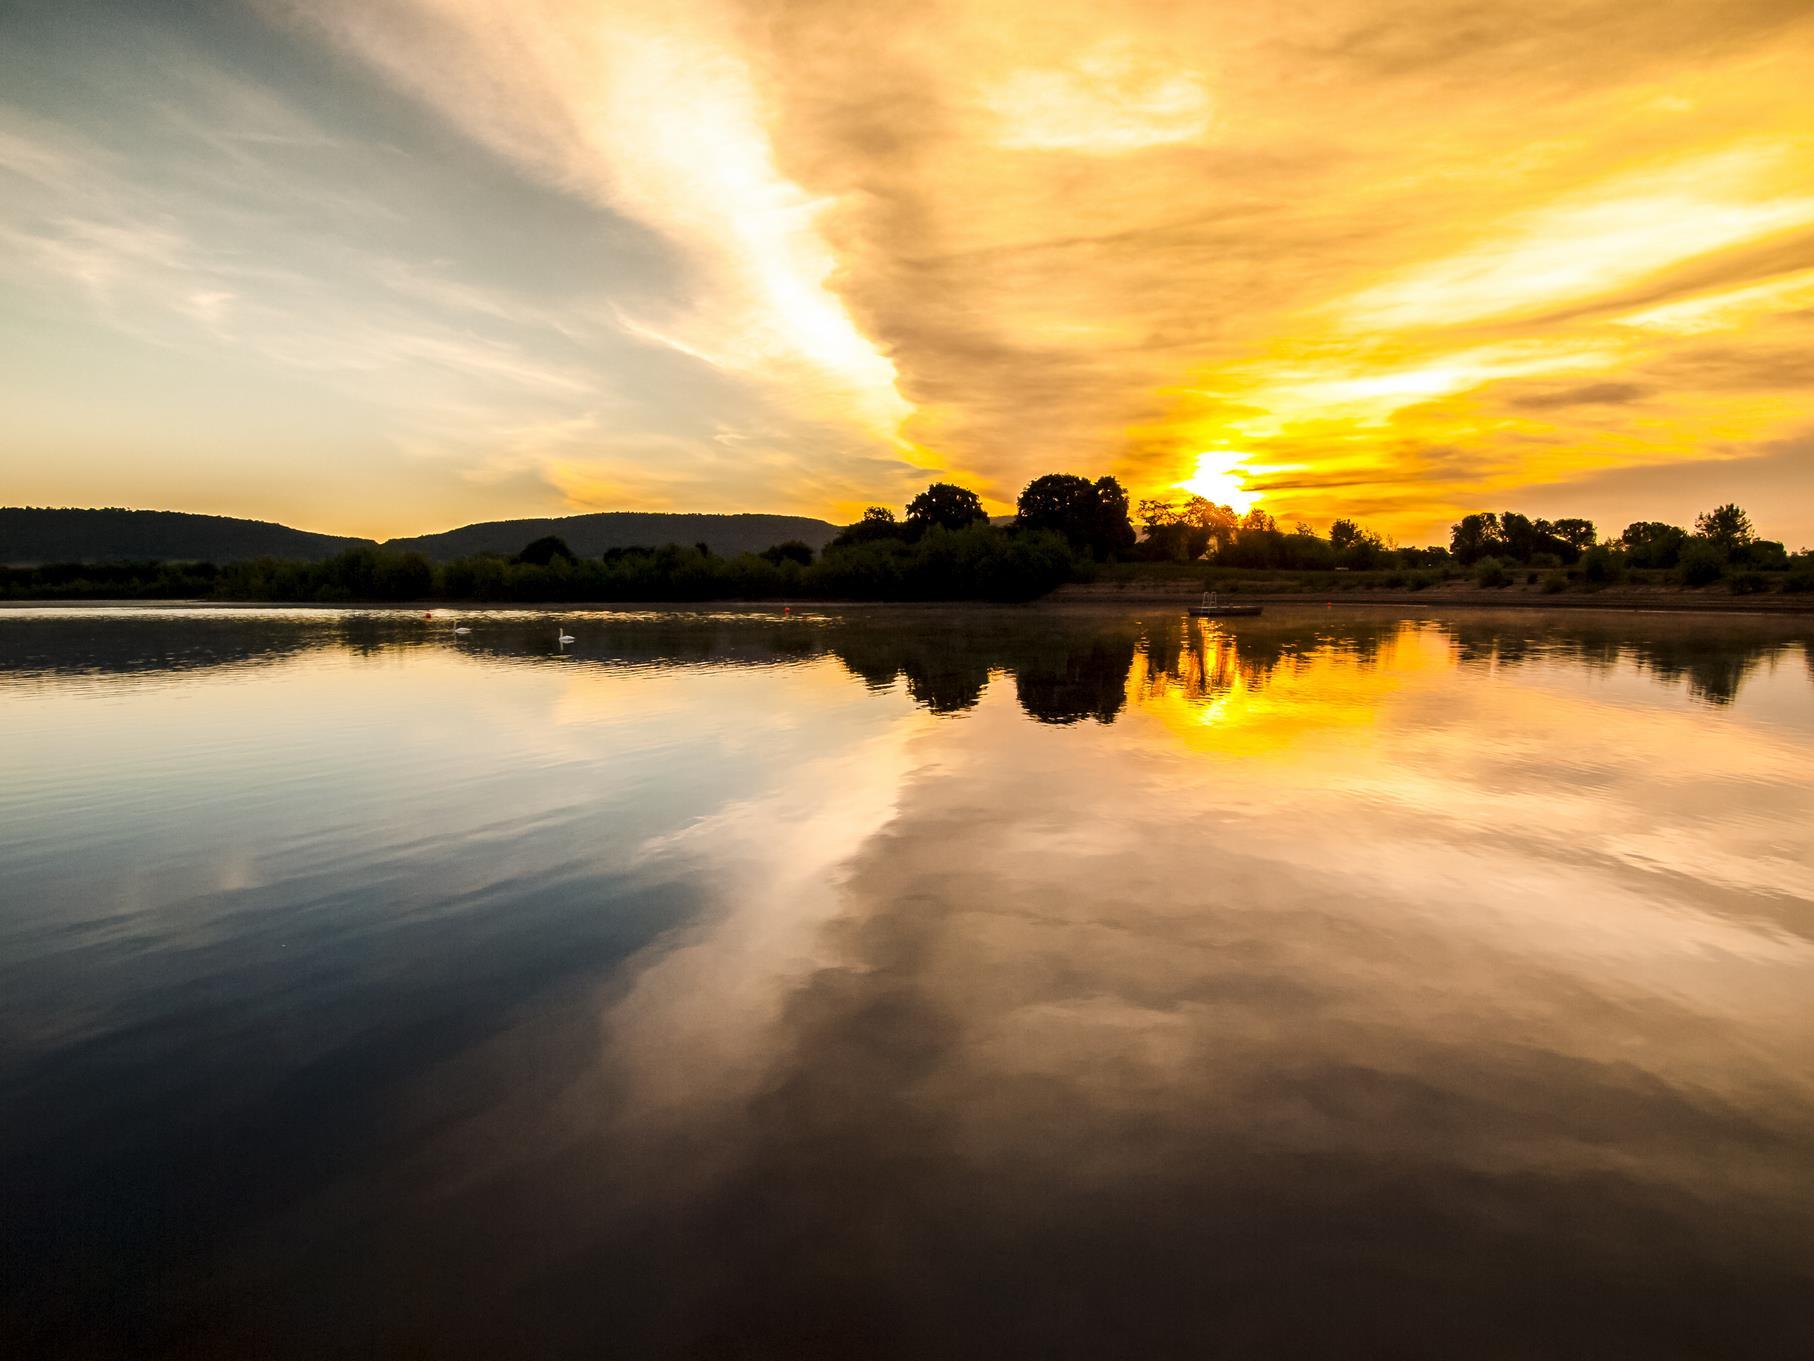 Morgendliches Farbenspiel am mittleren Teich.